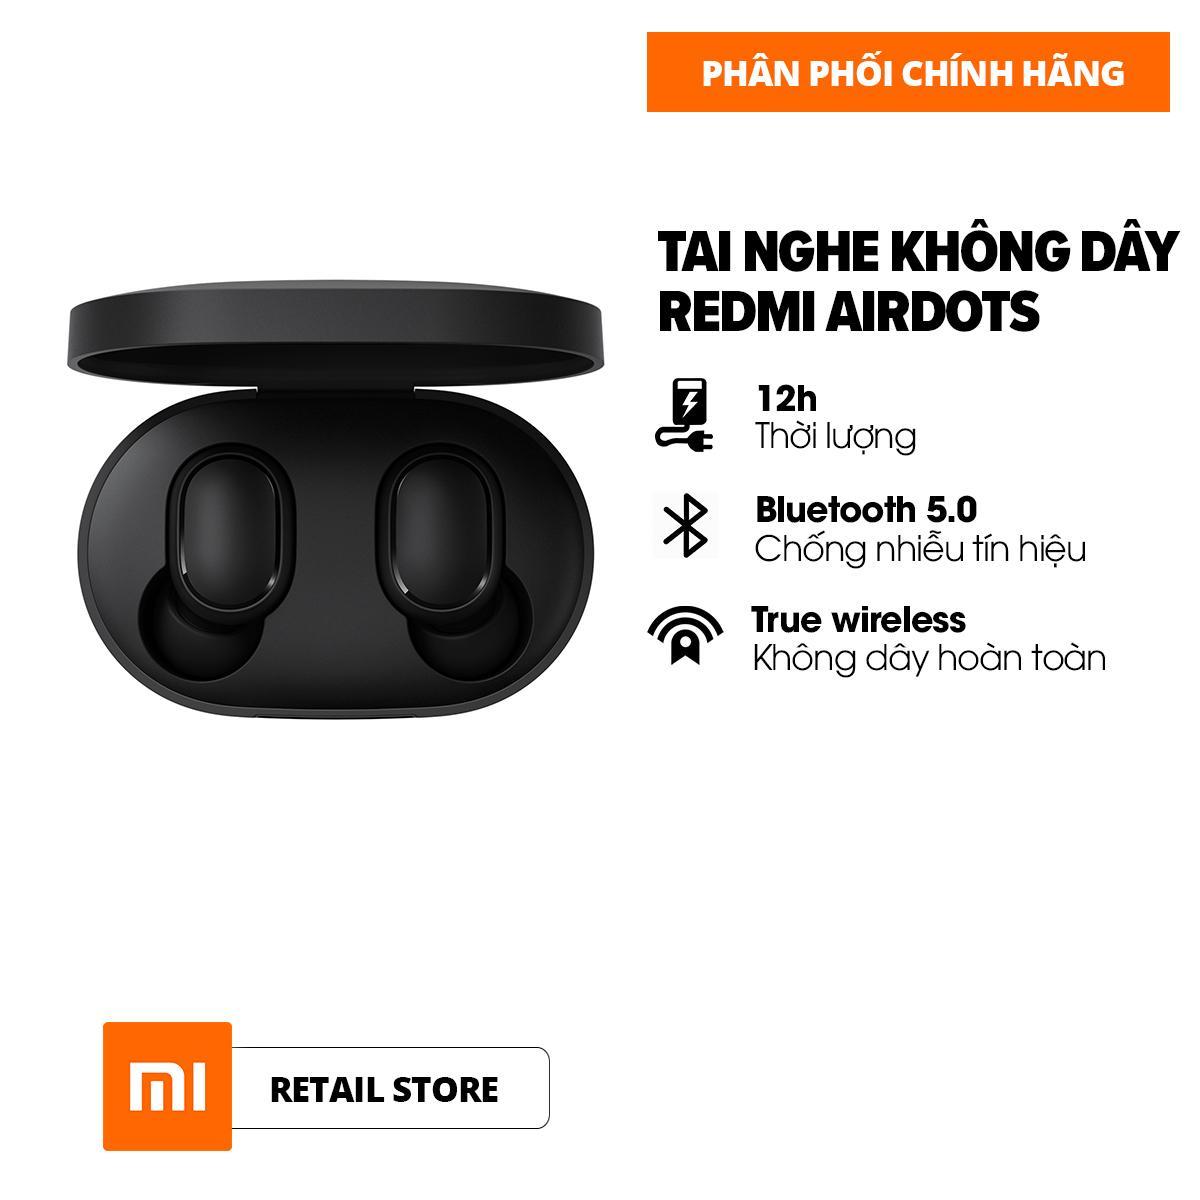 [HÀNG CHÍNH HÃNG - BẢO HÀNH 6 THÁNG] Tai nghe không dây Xiaomi Redmi AirDots True Wireless - Bluetooth 5.0 - Pin 12 tiếng - 4h nghe nhạc liên tục